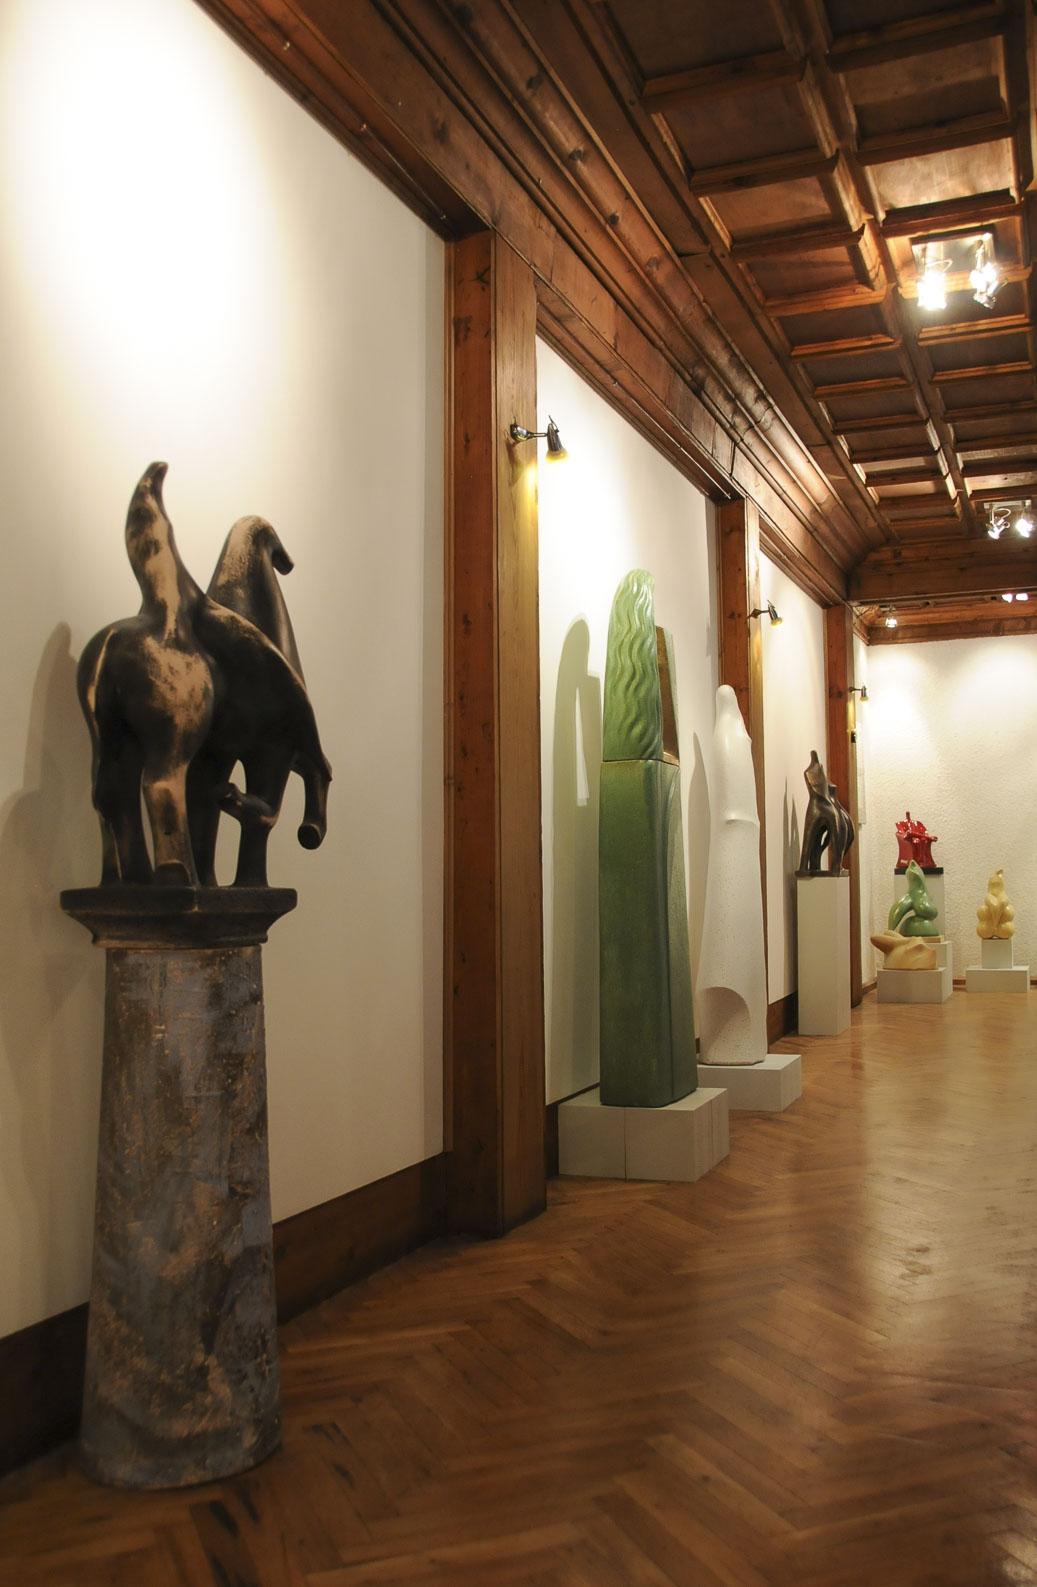 troyan-museum-georgi-mielnov-11